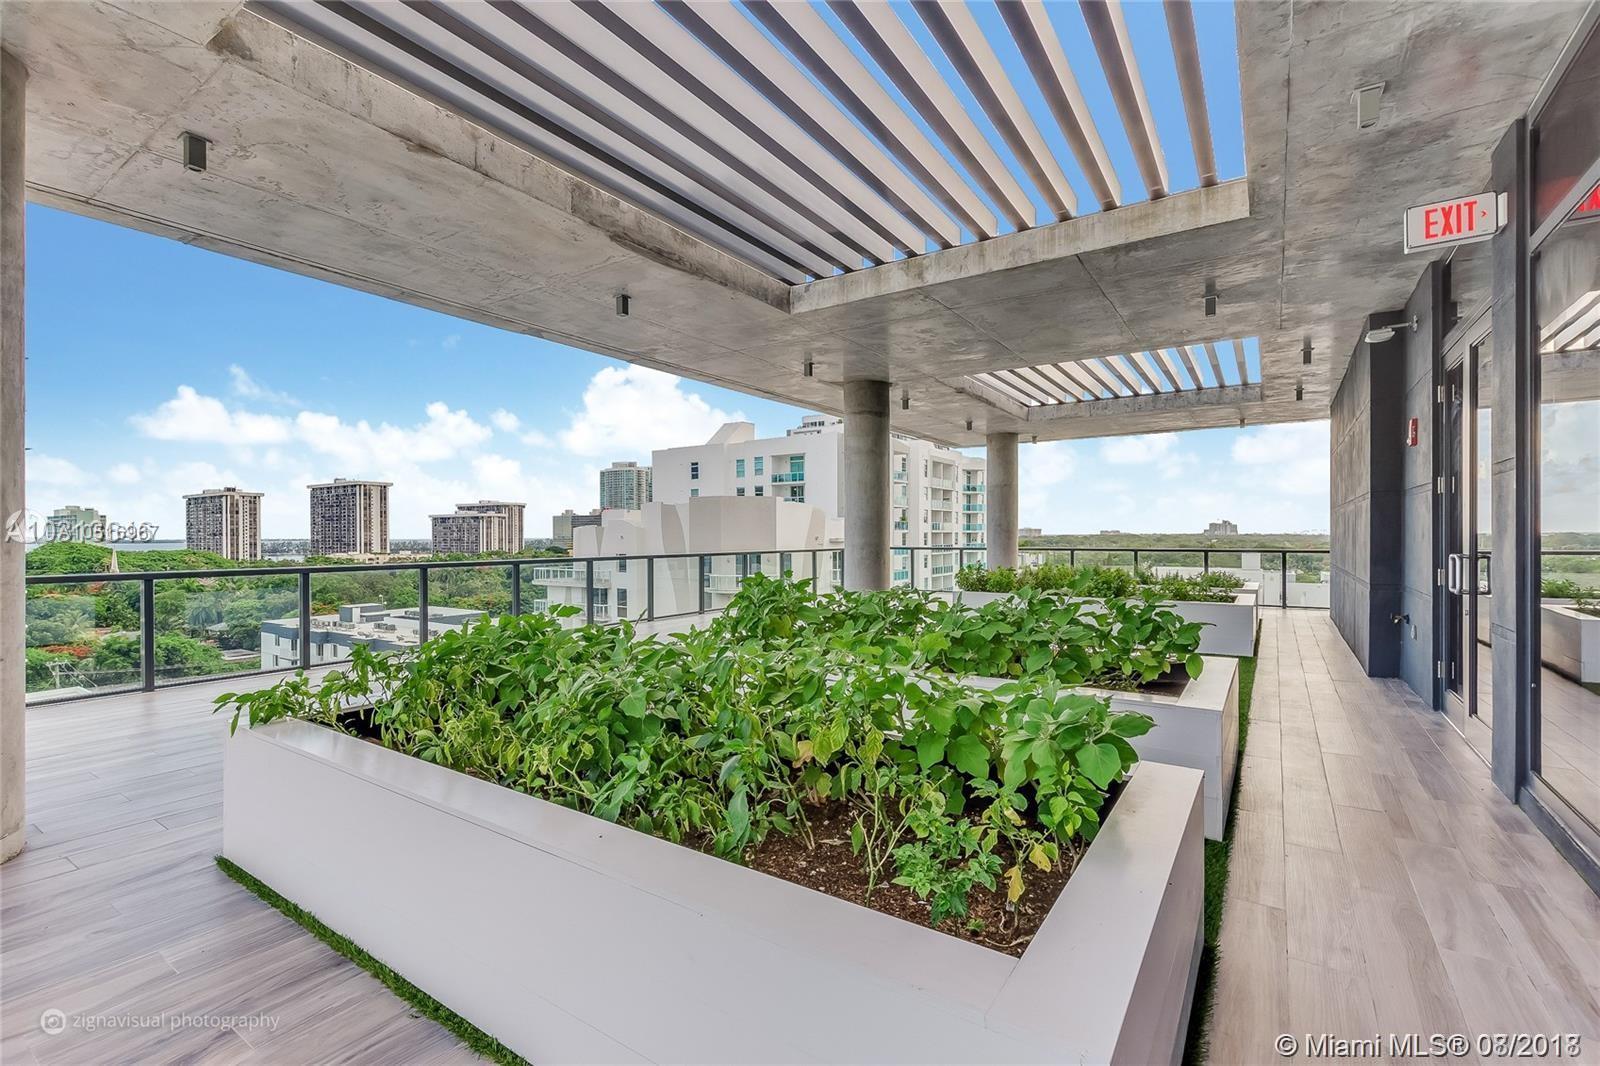 201 SW 17th Rd, Miami, FL 33129, Cassa Brickell #502, Brickell, Miami A10516967 image #12